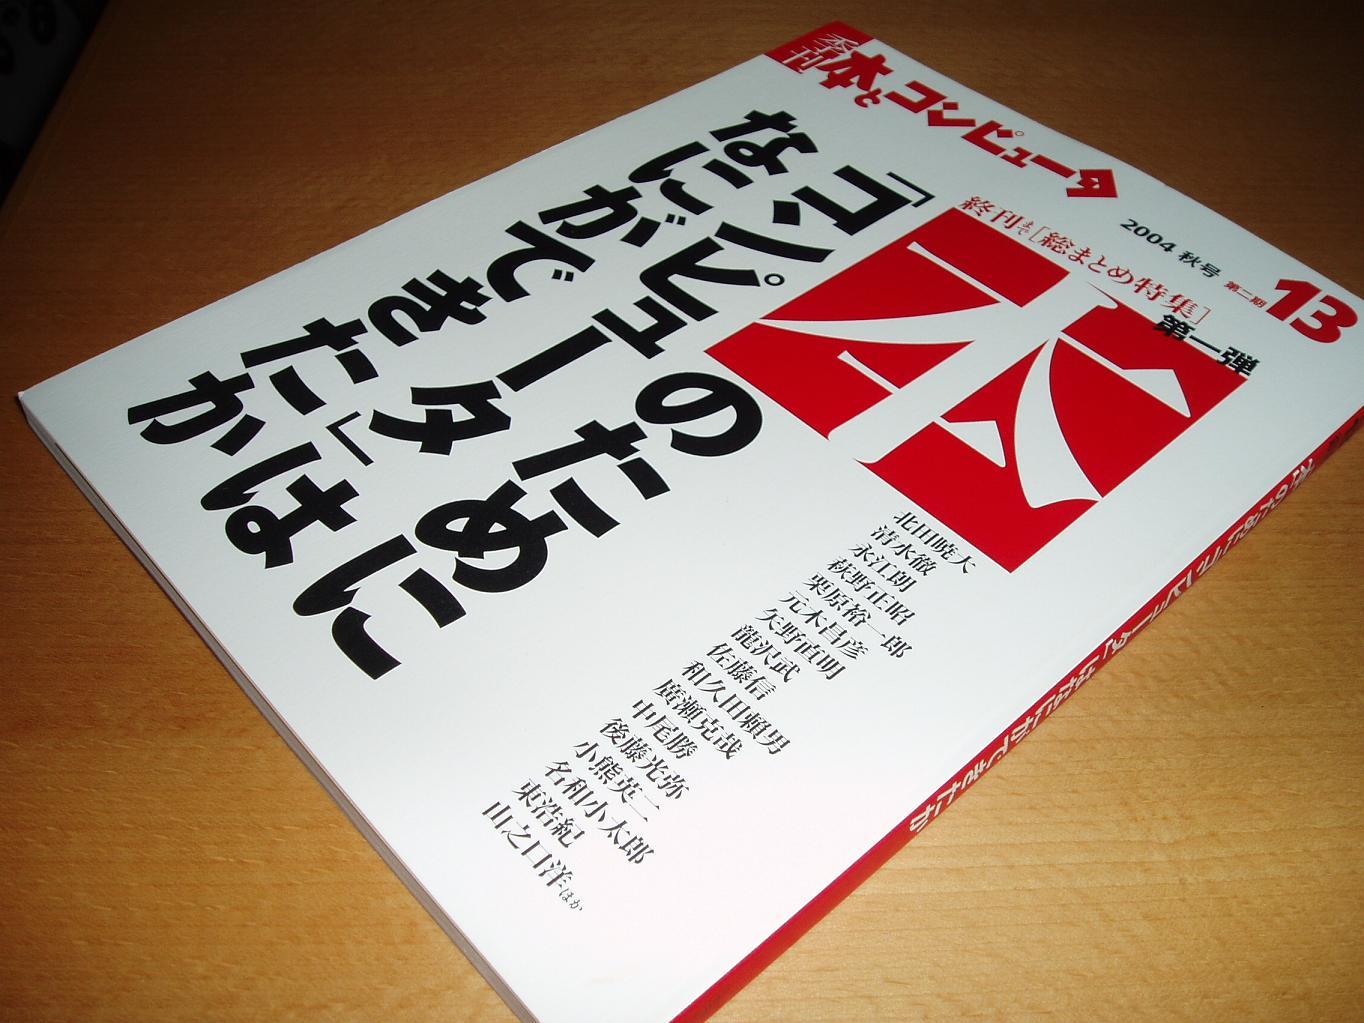 季刊「本とコンピュータ」_a0018105_22393734.jpg